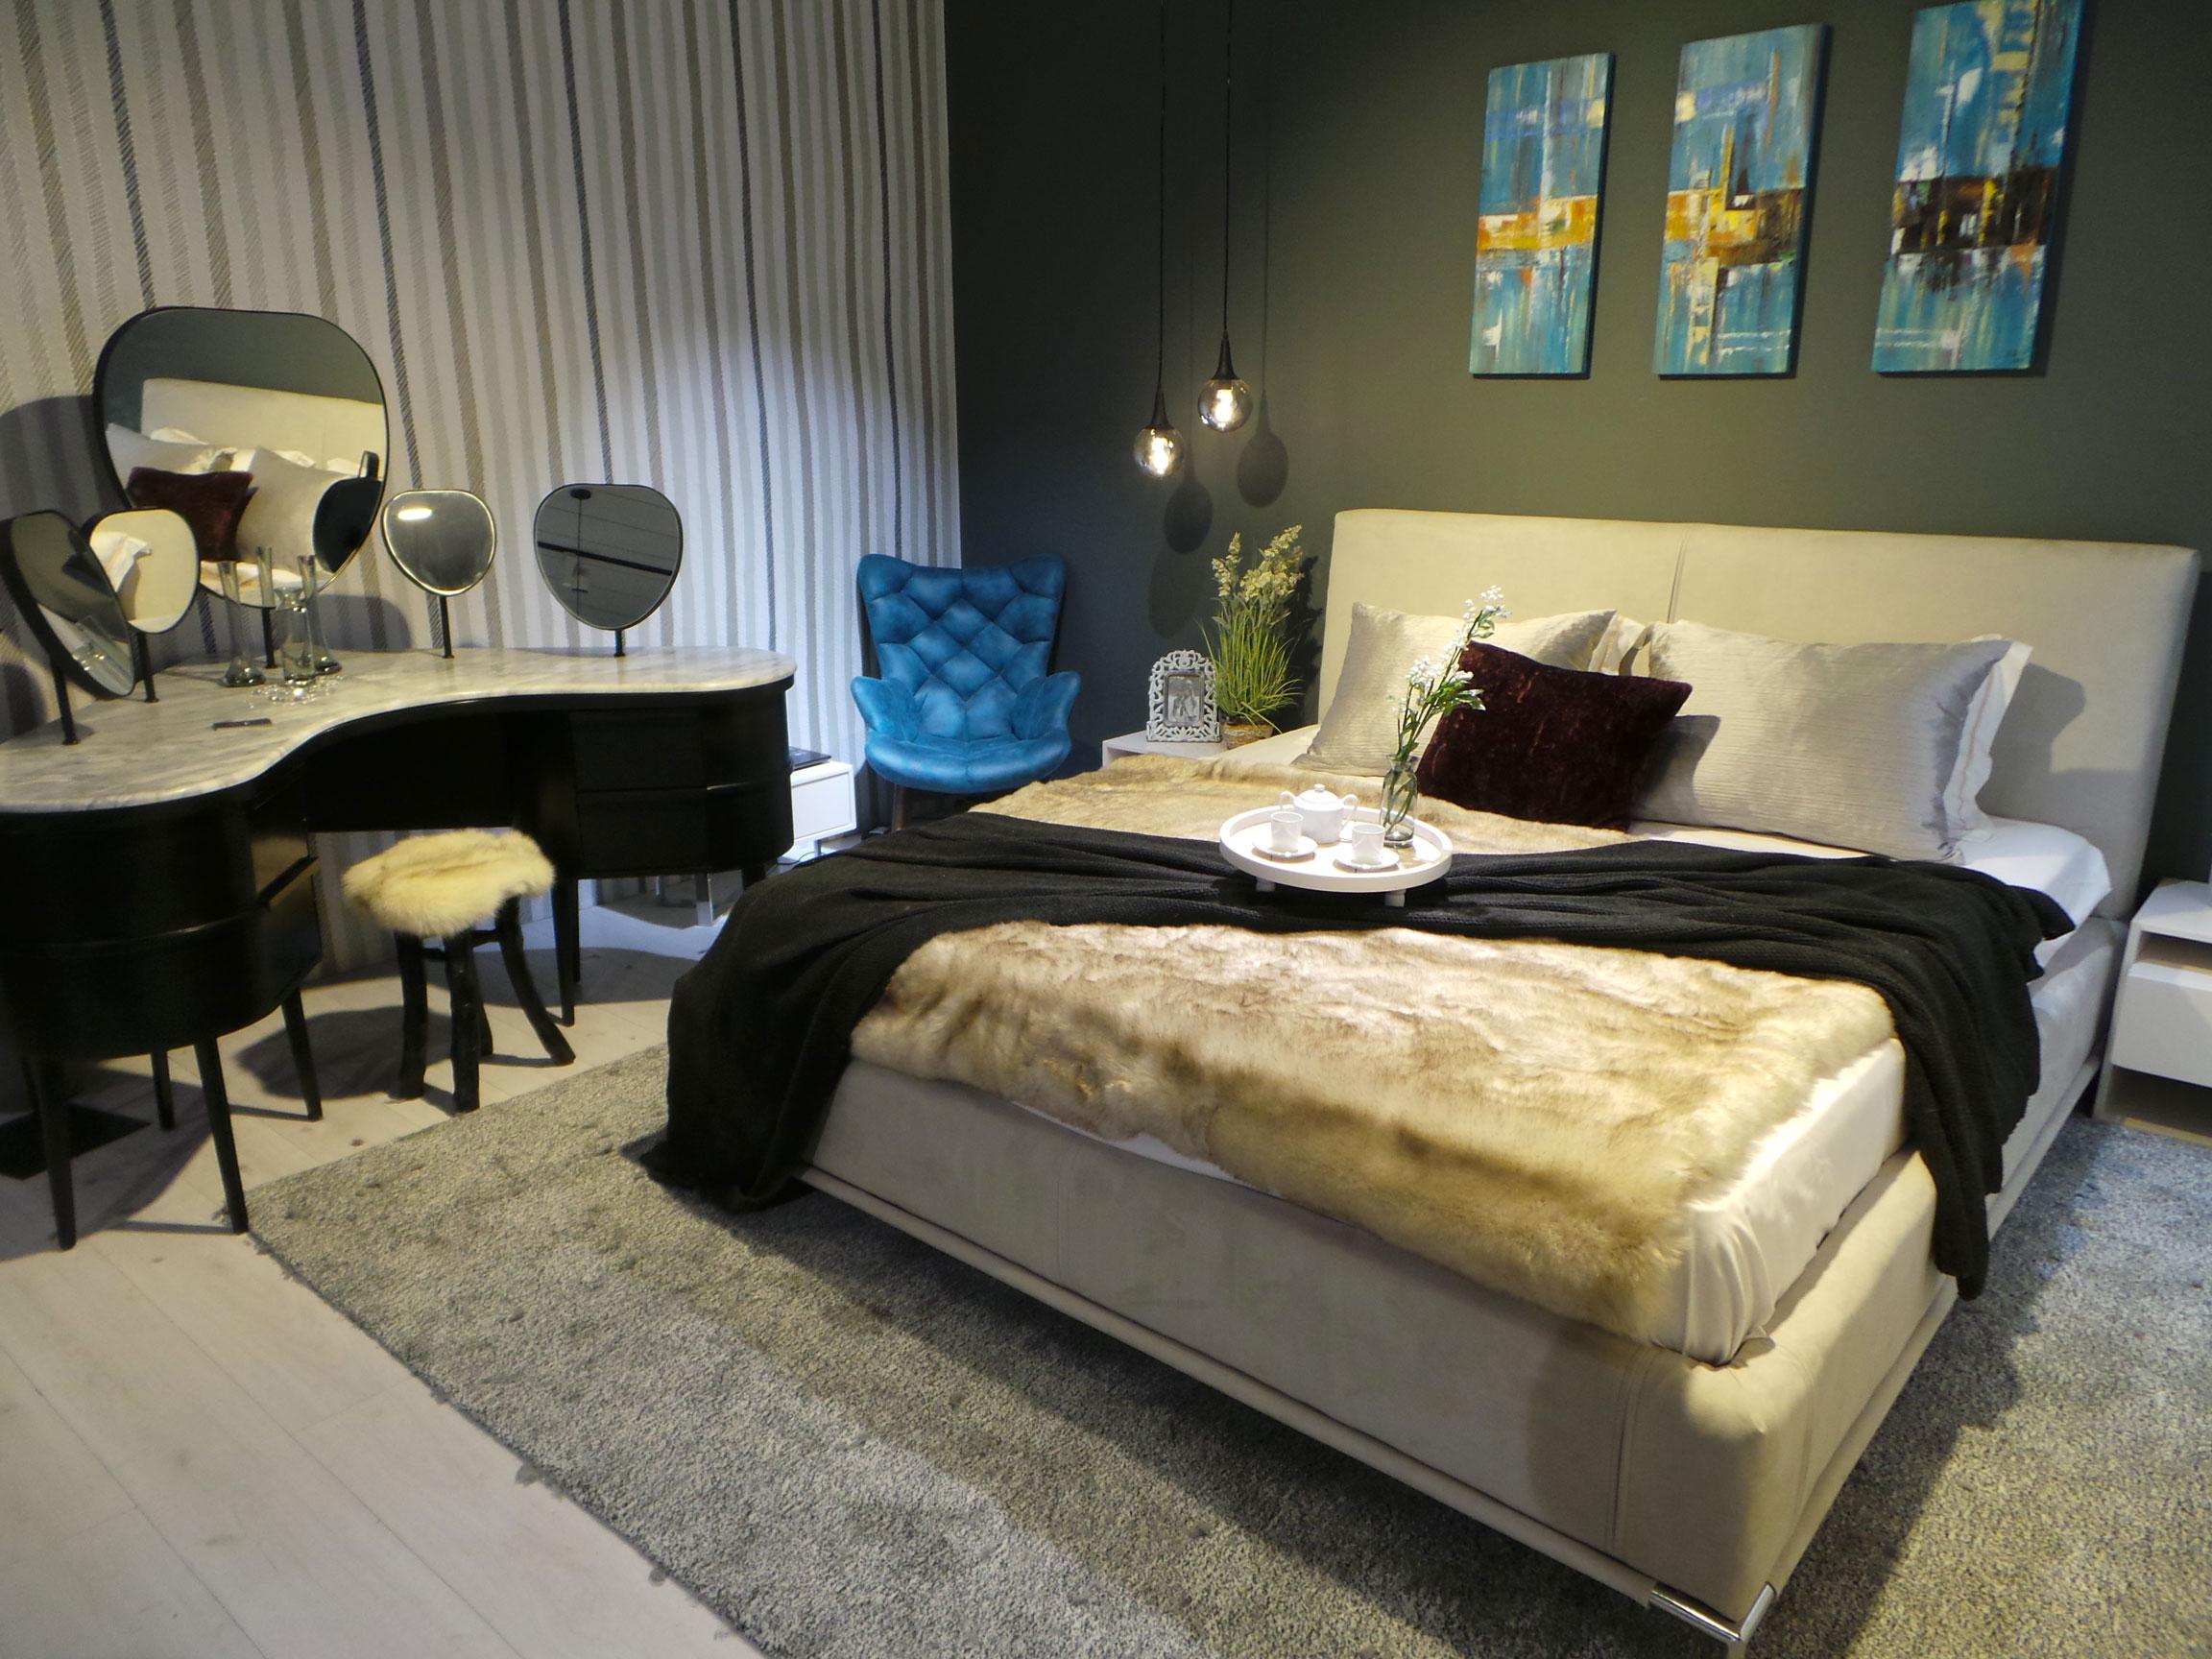 Salo-du-meuble-de-Tunis-chambre-a-coucher-fratelli